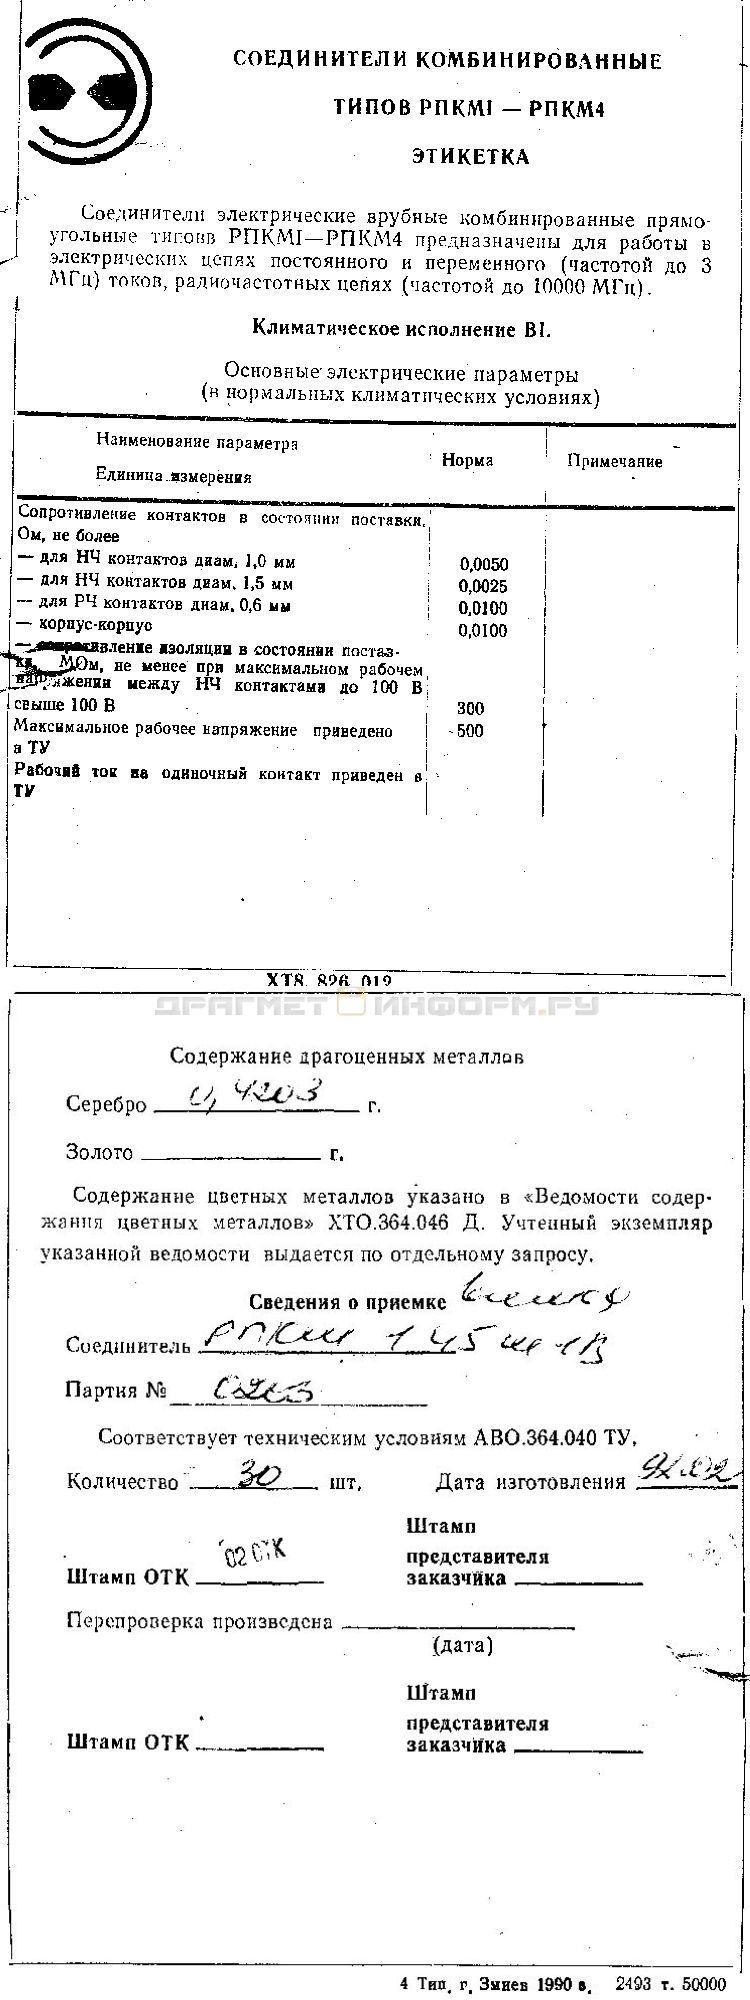 Формуляр РПКМ3-67/32Г1-0/1